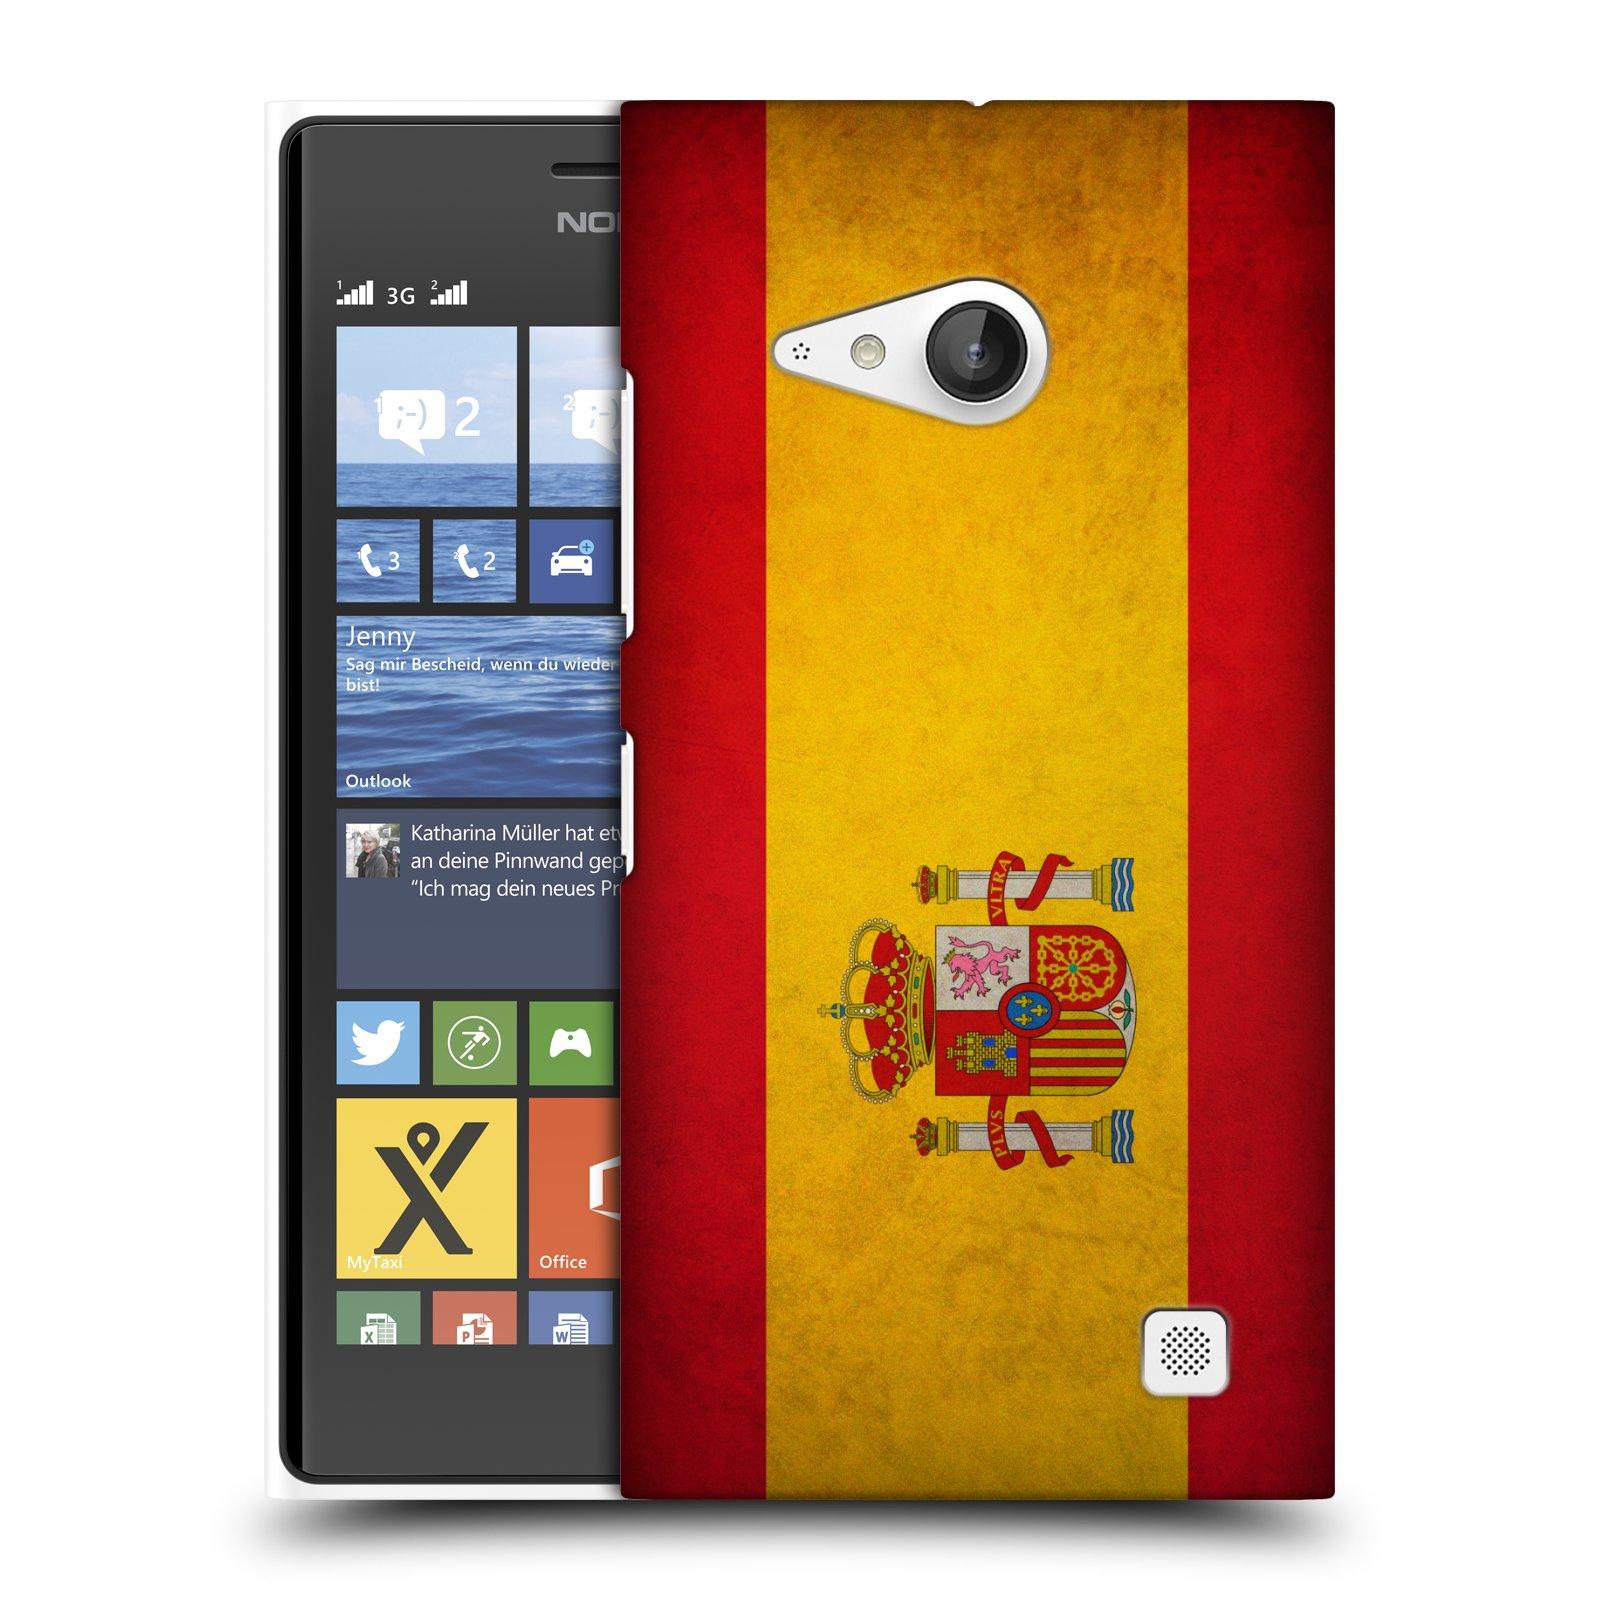 Plastové pouzdro na mobil Nokia Lumia 730 Dual SIM HEAD CASE VLAJKA ŠPANĚLSKO (Kryt či obal na mobilní telefon Nokia Lumia 730 Dual SIM)